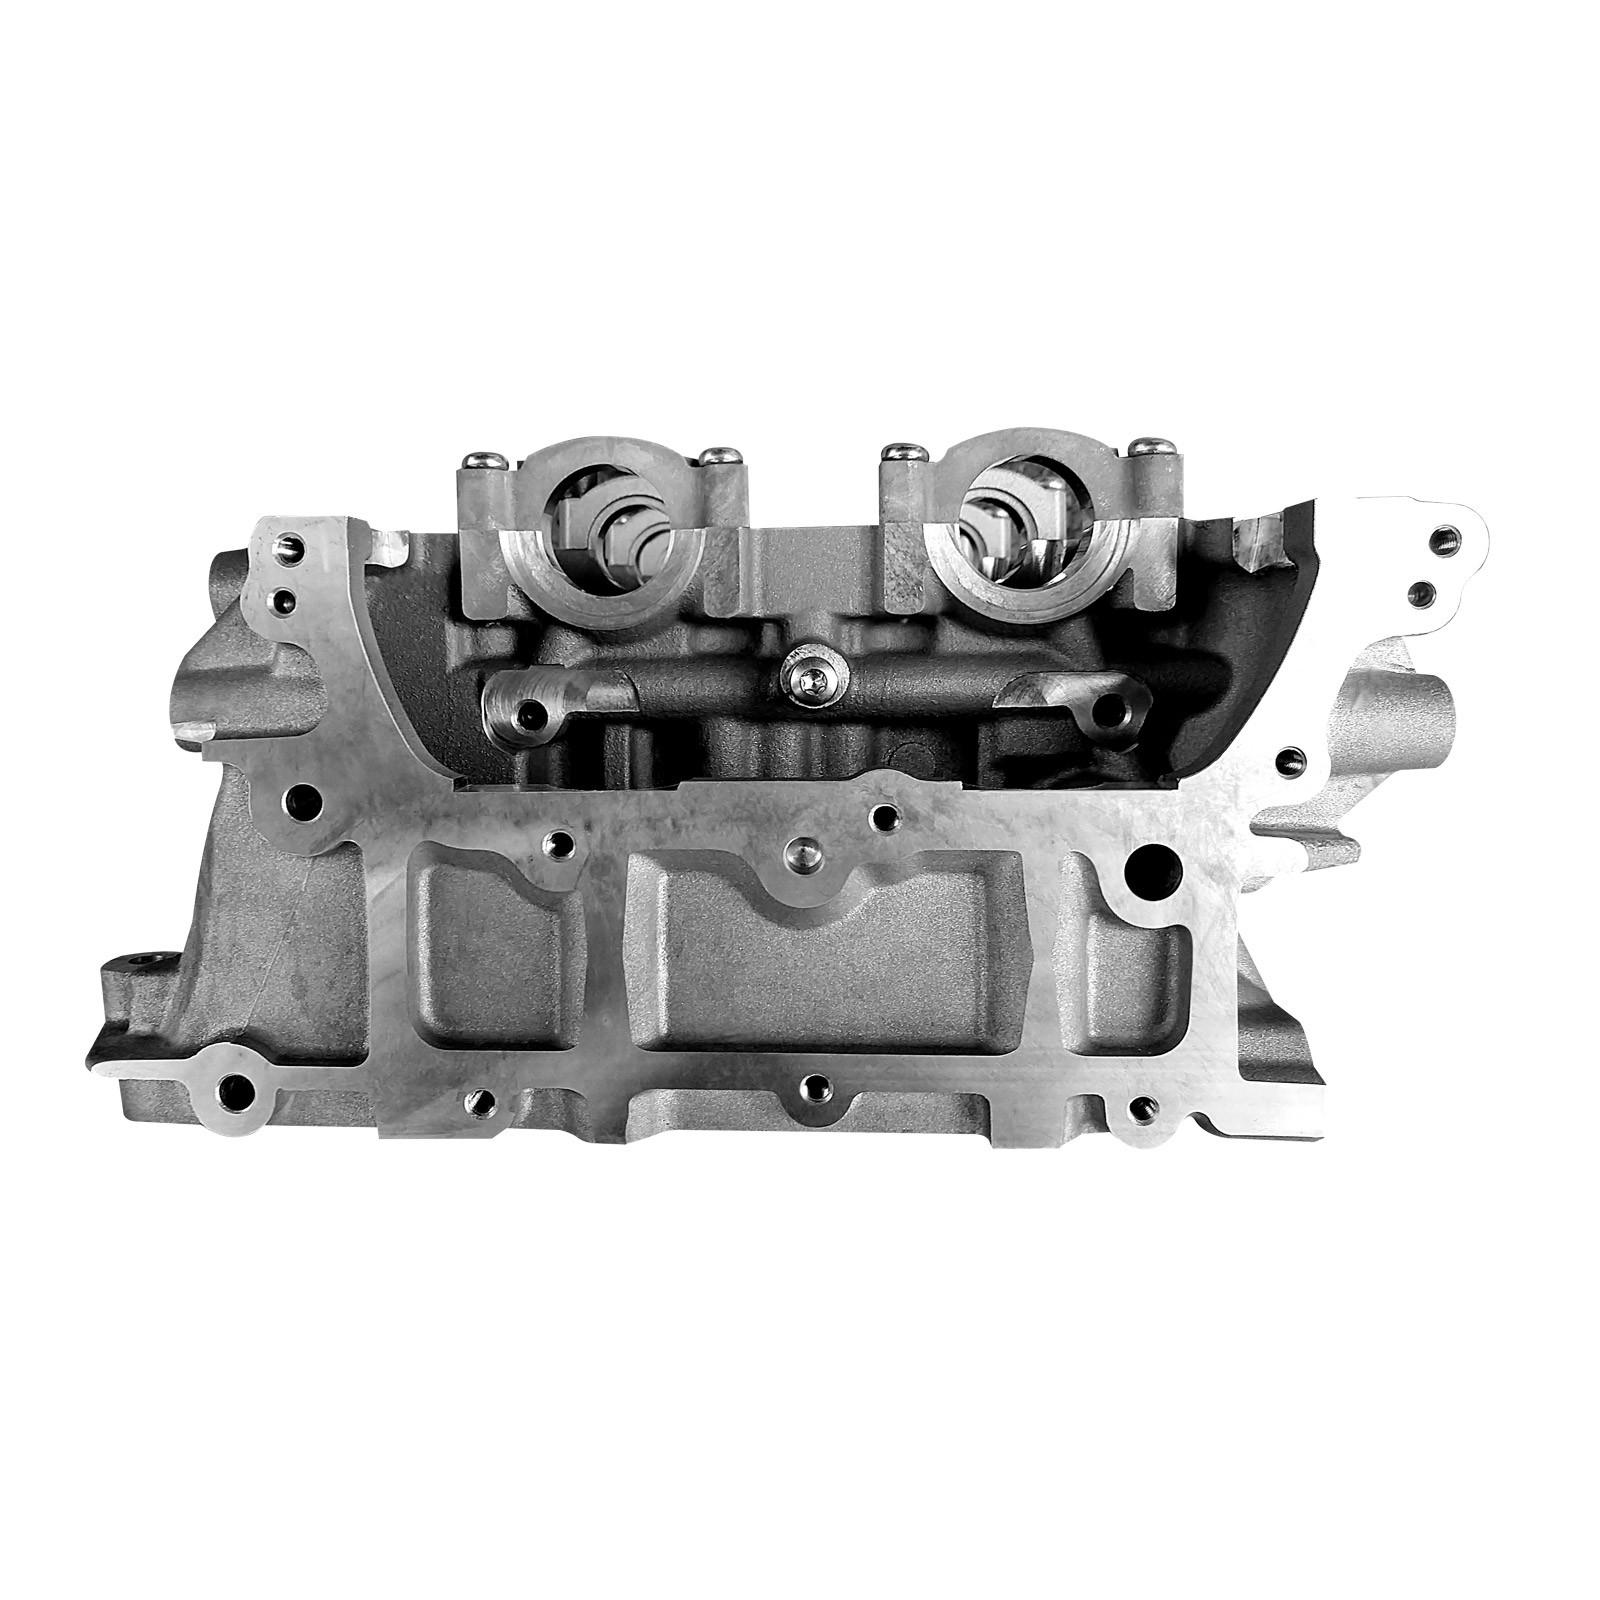 Cabeçote Sprinter  415 2.2 16V CDI Euro V Ano 2012 a 2018 Novo Importado